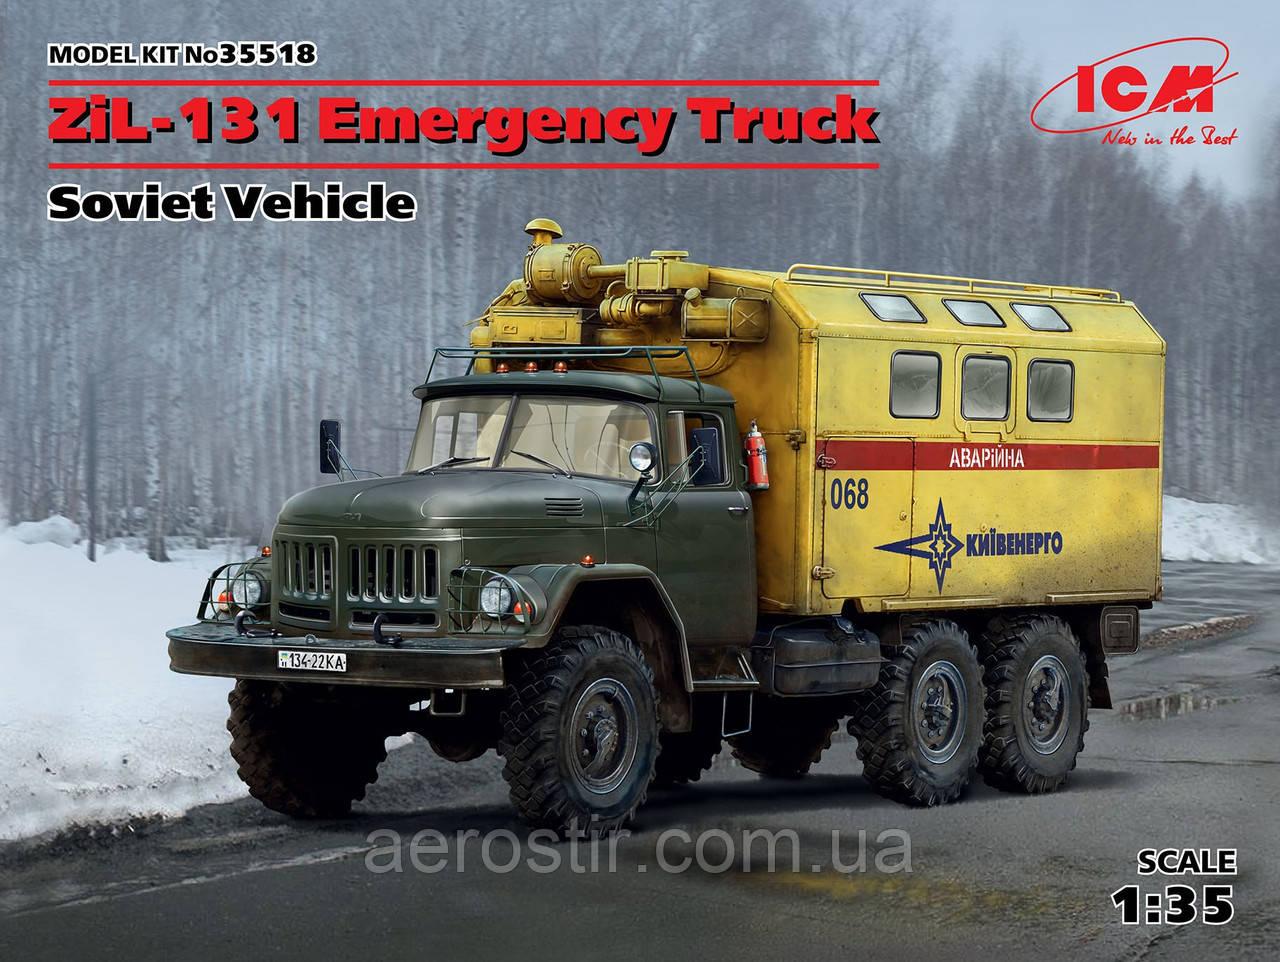 ЗИЛ-131 'Аварийная служба' 1/35 ICM 35518